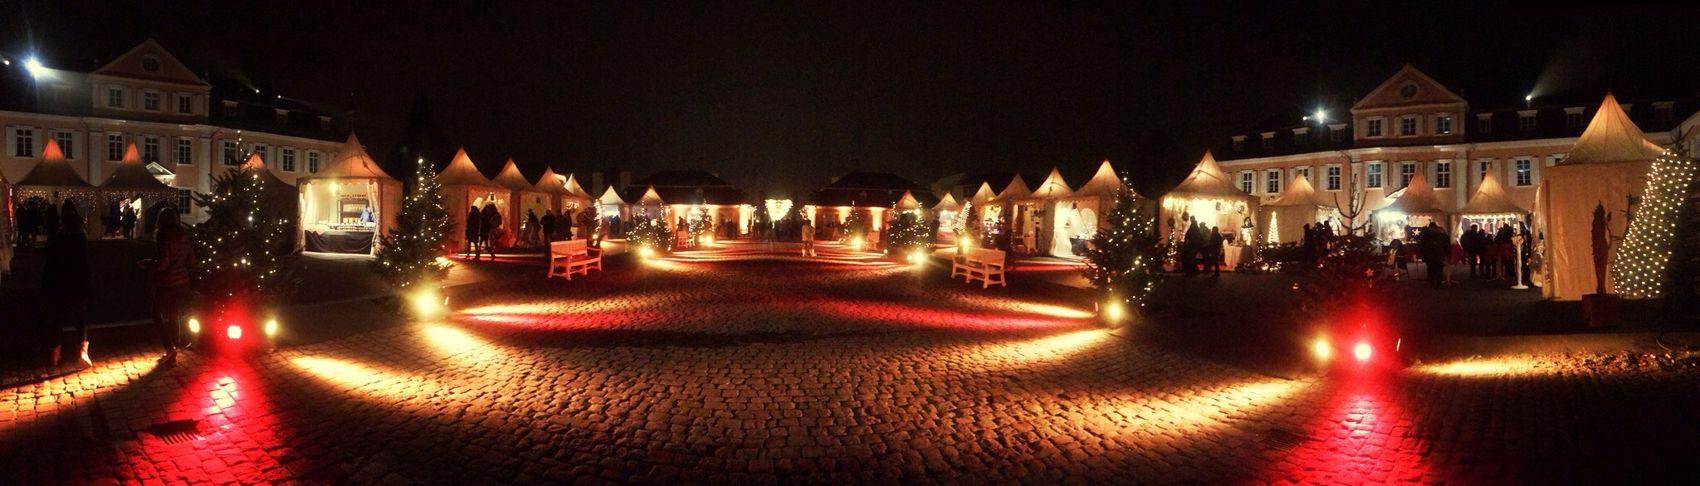 Tonight Is Christmastime CastleSchloss Schwetzingen